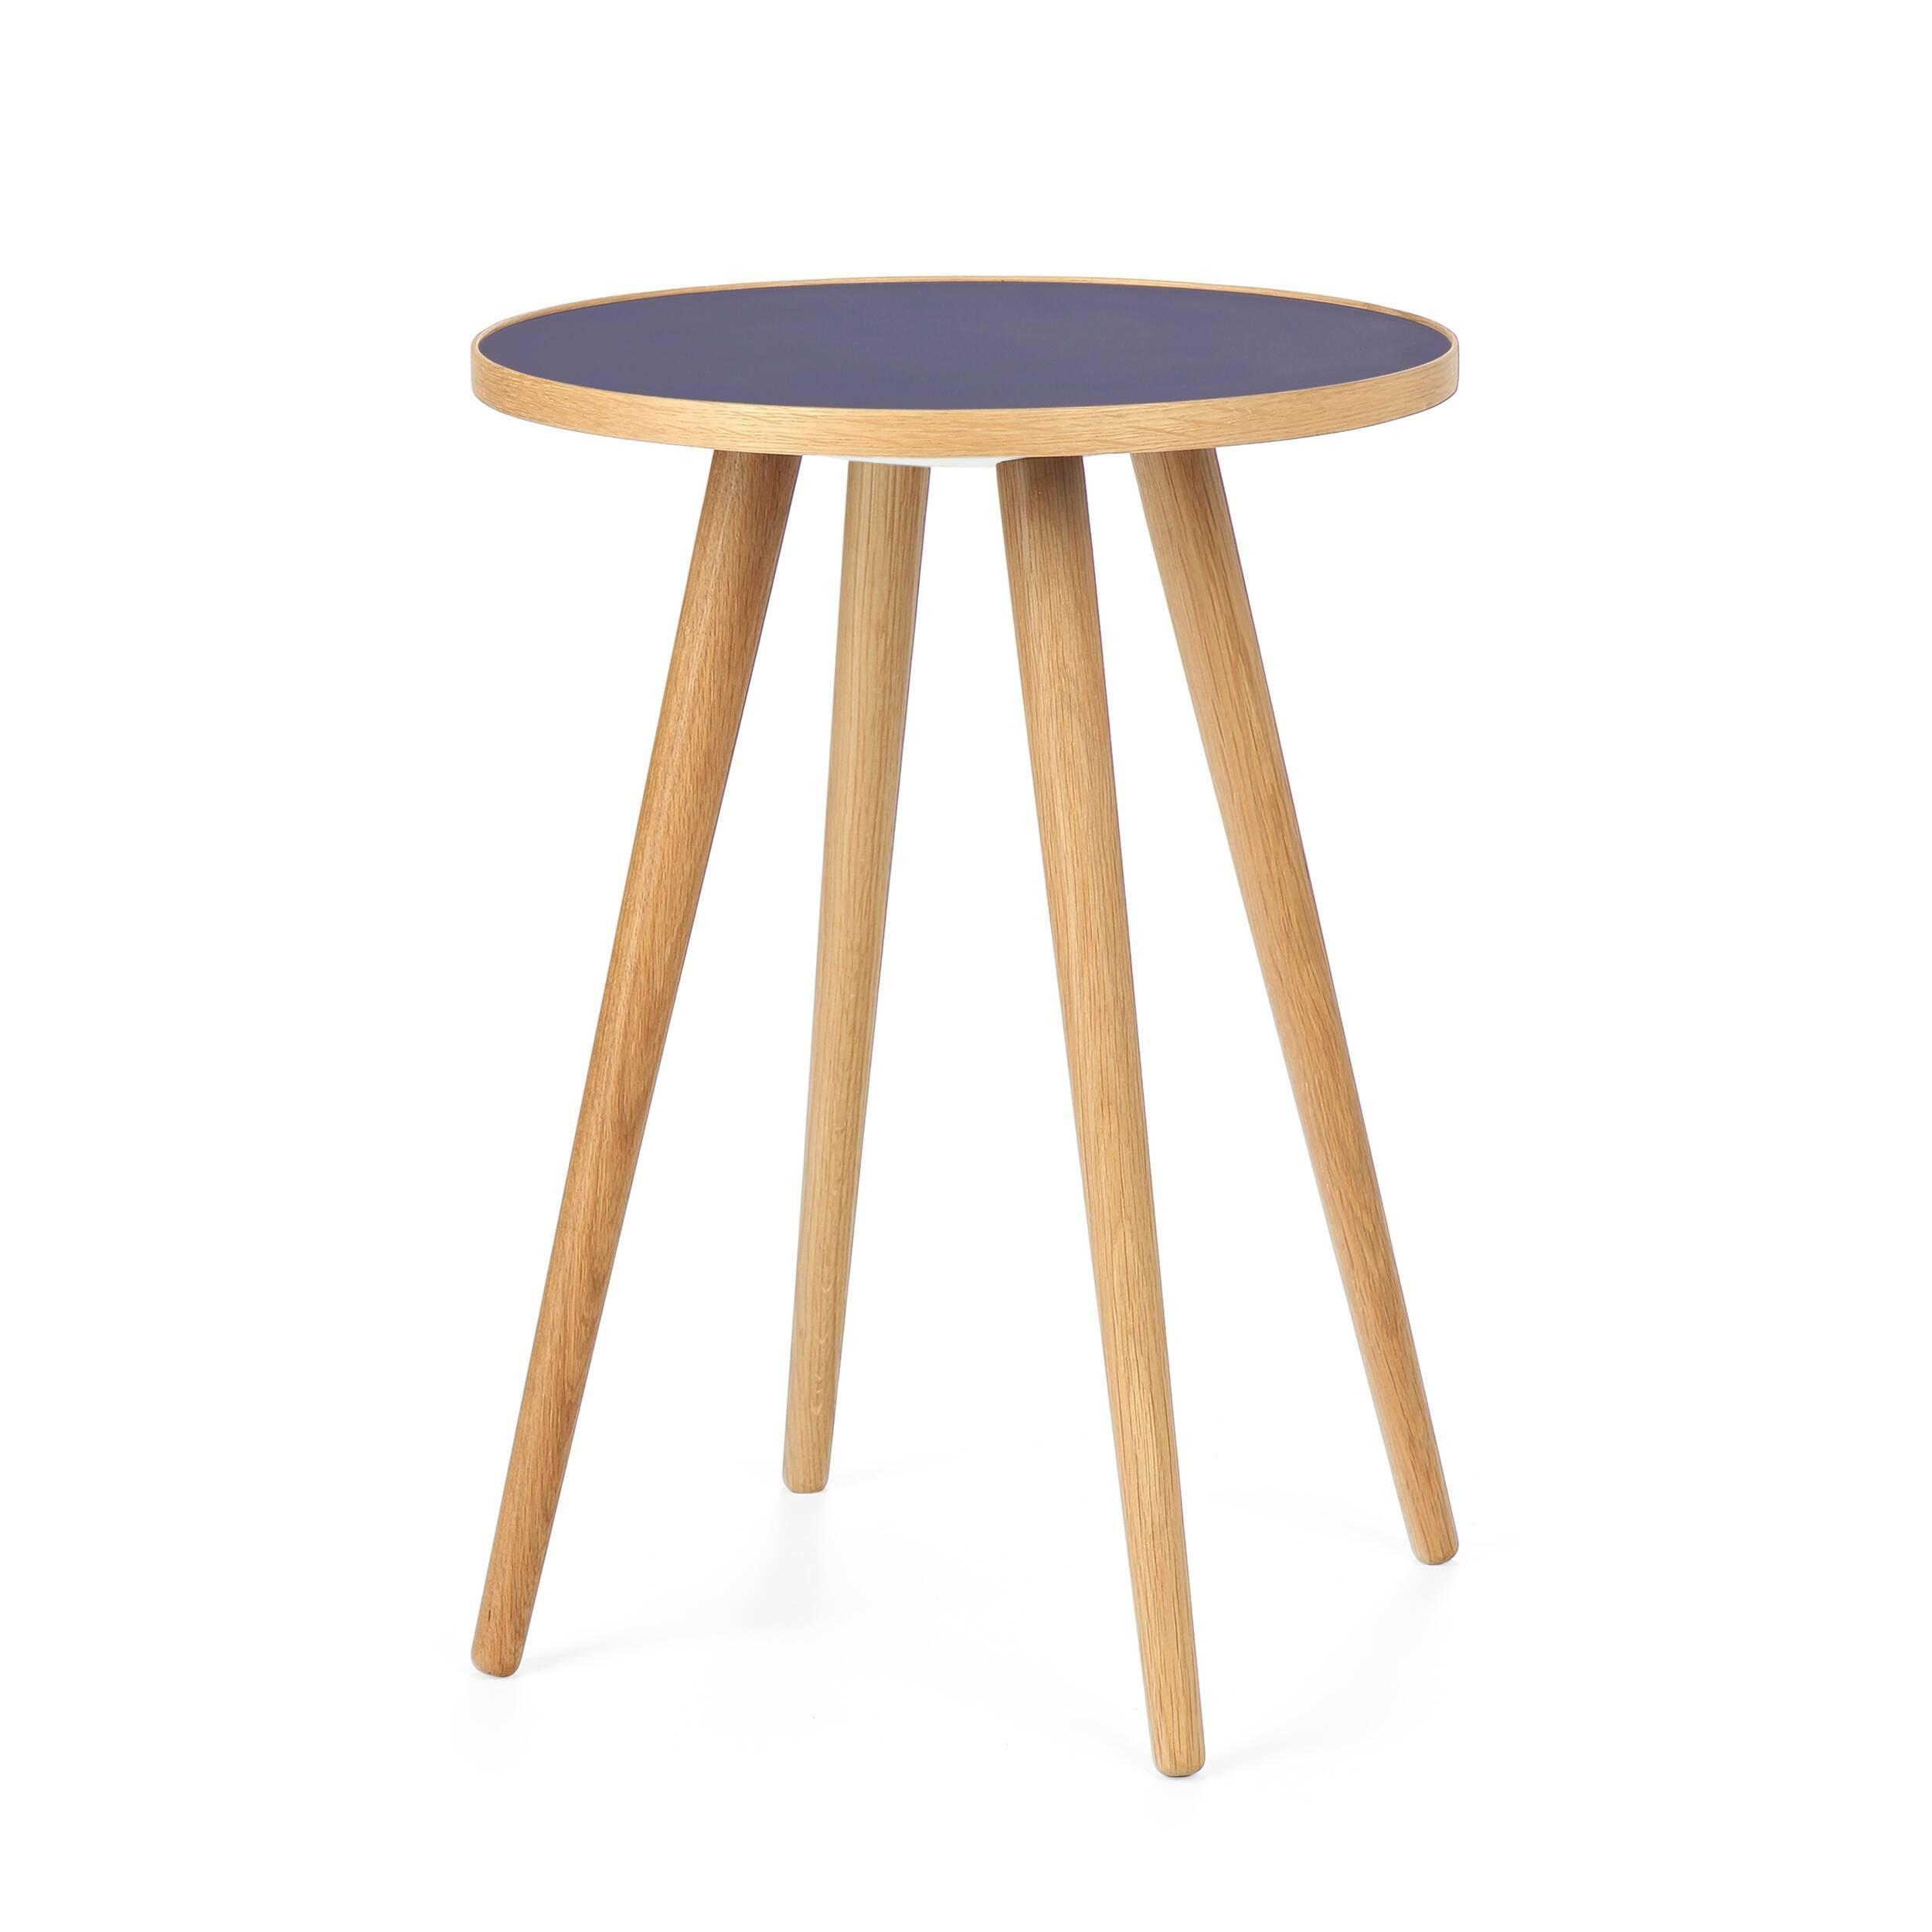 Кофейный стол Sputnik высота 55 диаметр 41Кофейные столики<br>Дизайнерский кофейный стол Sputnik (Спутник) (высота 55 диаметр 41) с пластиковой столешницей на четырех ножках от Cosmo (Космо).<br><br><br> Кофейный стол Sputnik высота 55 диаметр 41 имеет четыре длинные устойчивые ножки и небольшую круглую столешницу. Его разработал американский дизайнер и архитектор мирового уровня Шон Дикс. Столик сделан из качественной древесины американского ореха, что делает его достаточно прочным  и долговечным. Столешница  покрыта меламином, благодаря чему устойчива к н...<br><br>stock: 0<br>Высота: 55<br>Диаметр: 40,6<br>Цвет ножек: Светло-коричневый<br>Цвет столешницы: Синий<br>Материал ножек: Массив дуба<br>Тип материала столешницы: Пластик<br>Тип материала ножек: Дерево